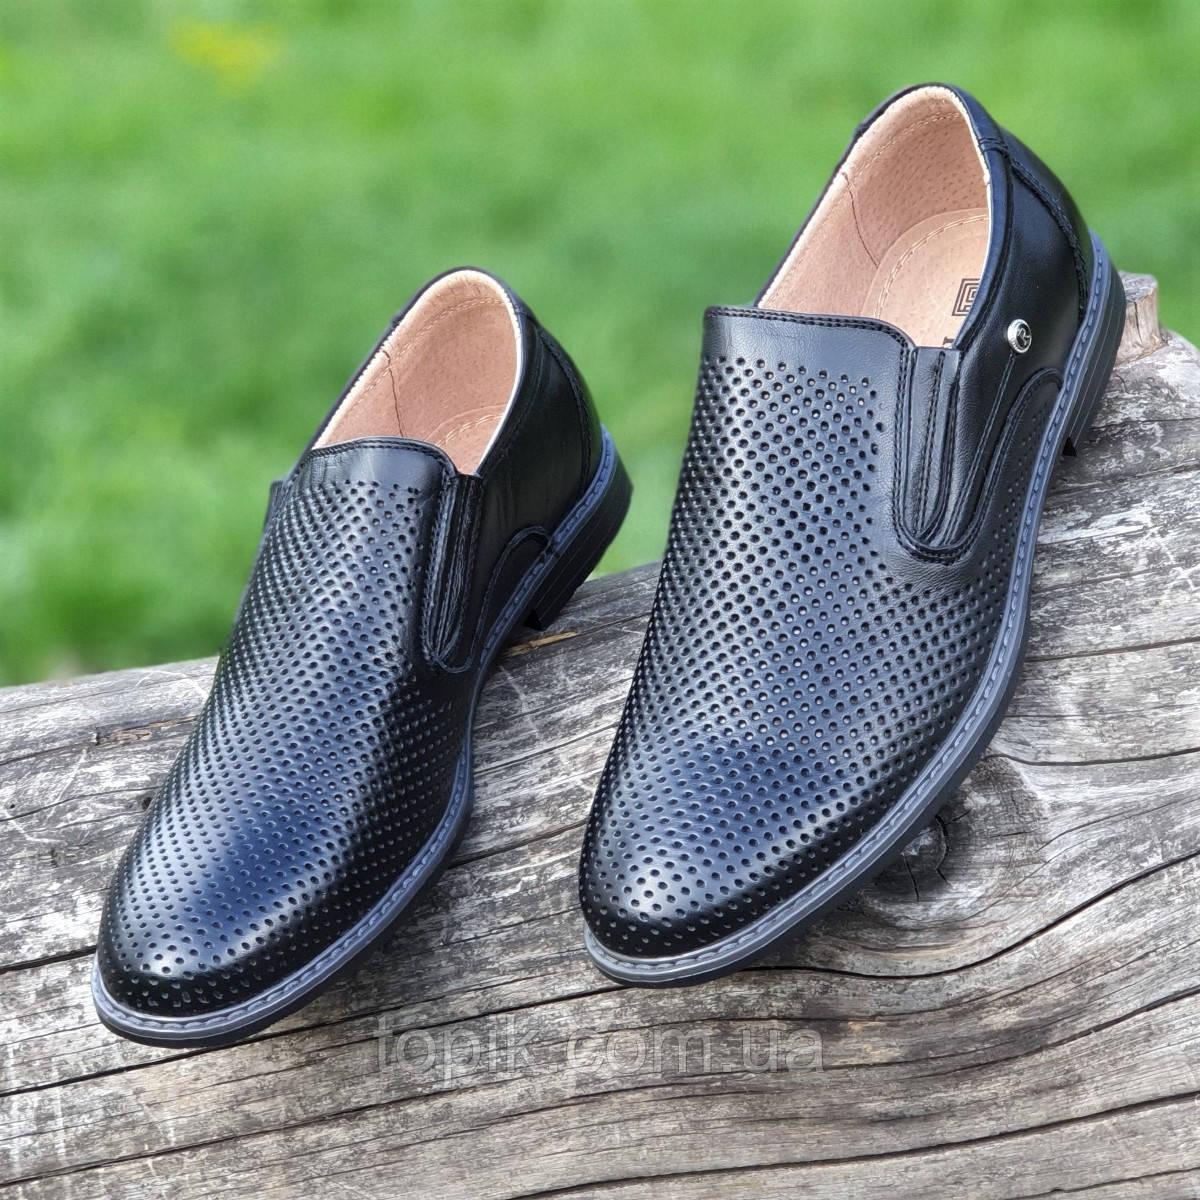 Мужские летние туфли черные кожаные классические без шнурков в дырочку (Код: 1464а)